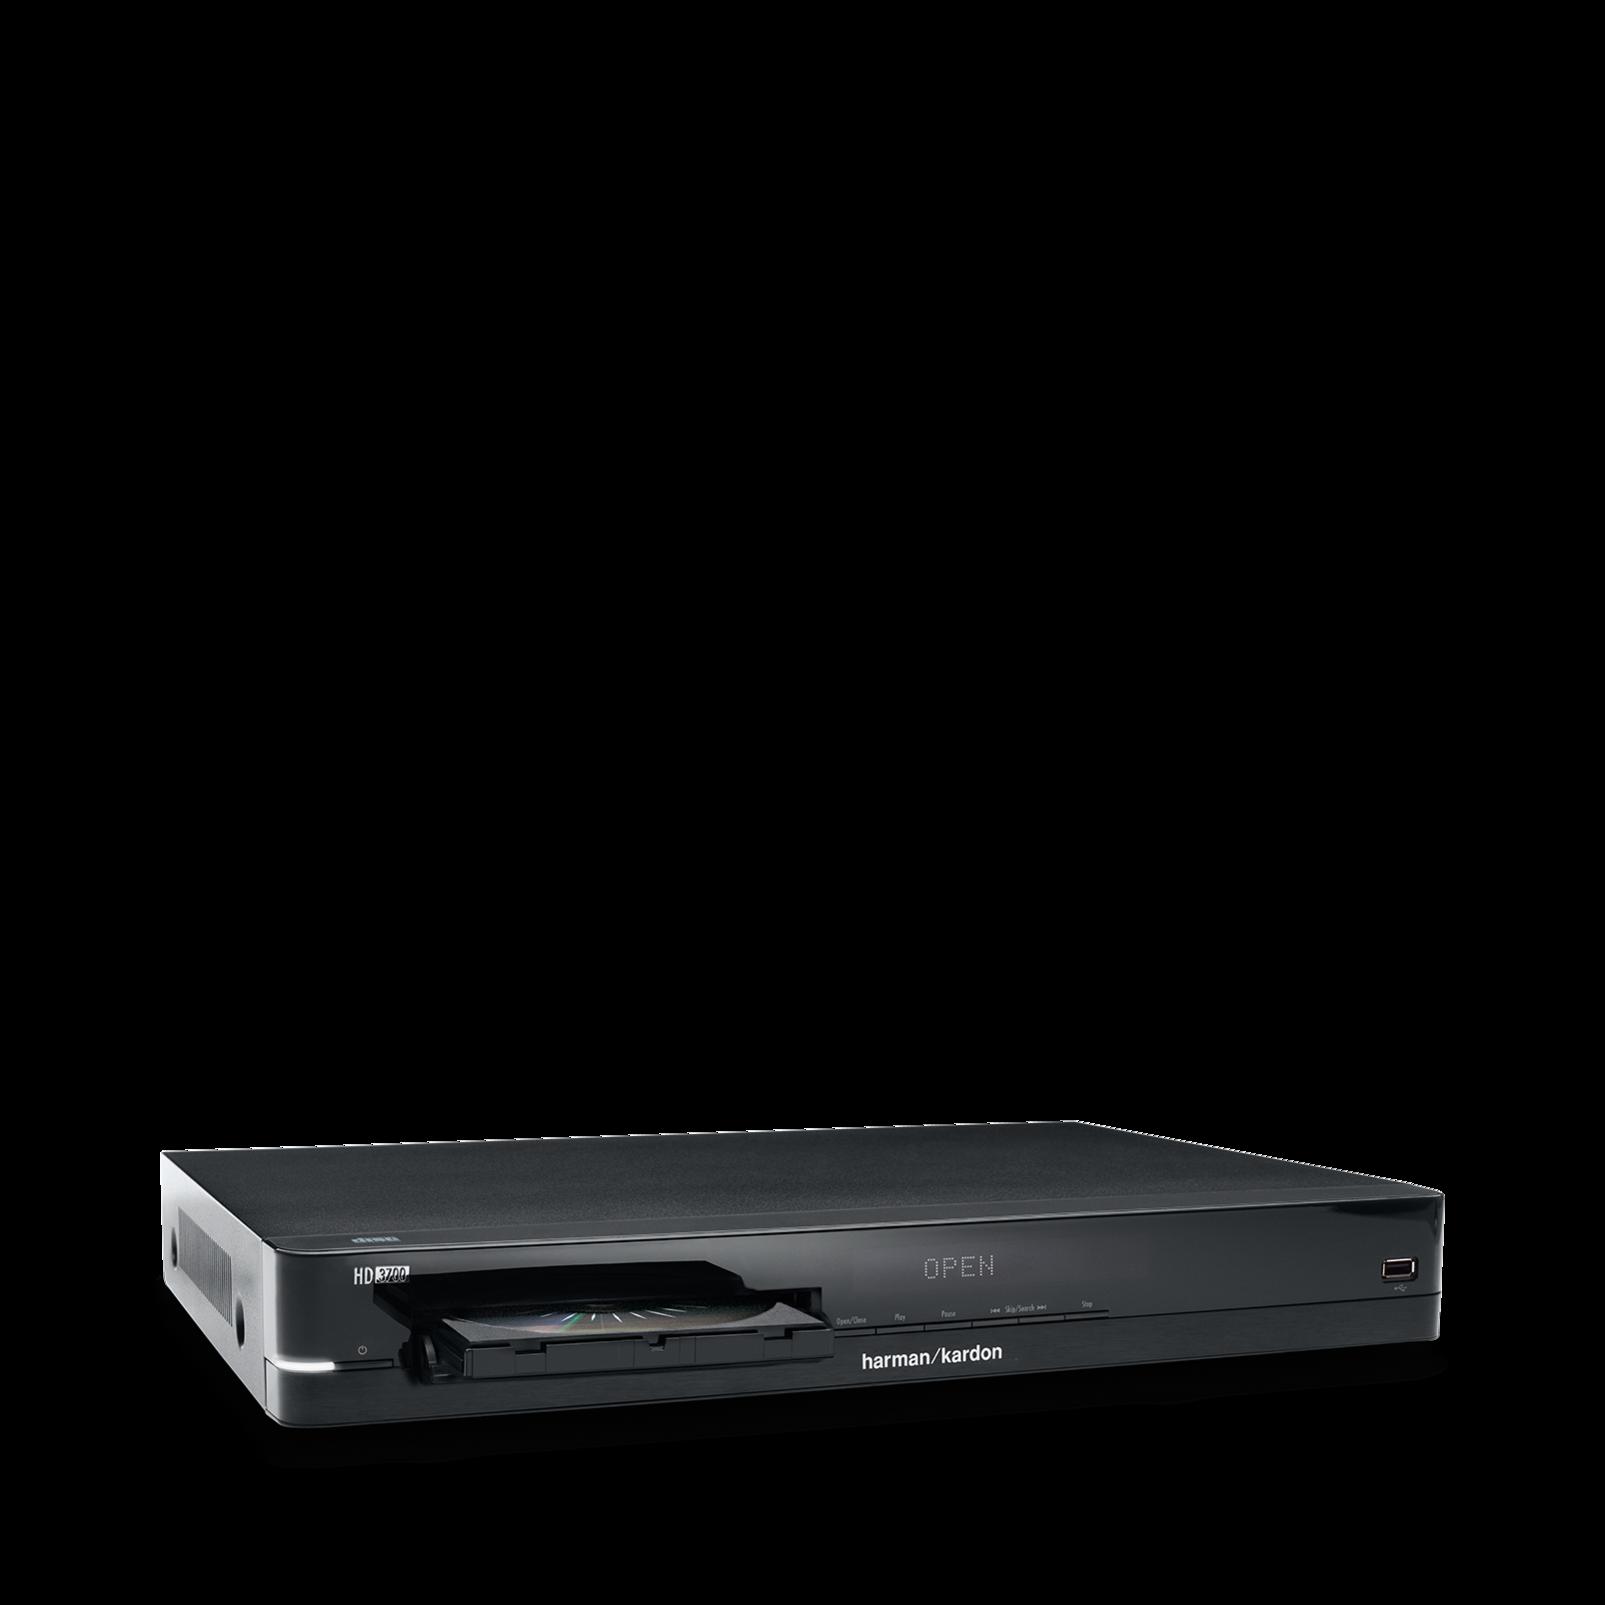 HD 3700 - Black - Hifi CD-soitin, joka on syntynyt tuottamaan kauniin äänen - Detailshot 2